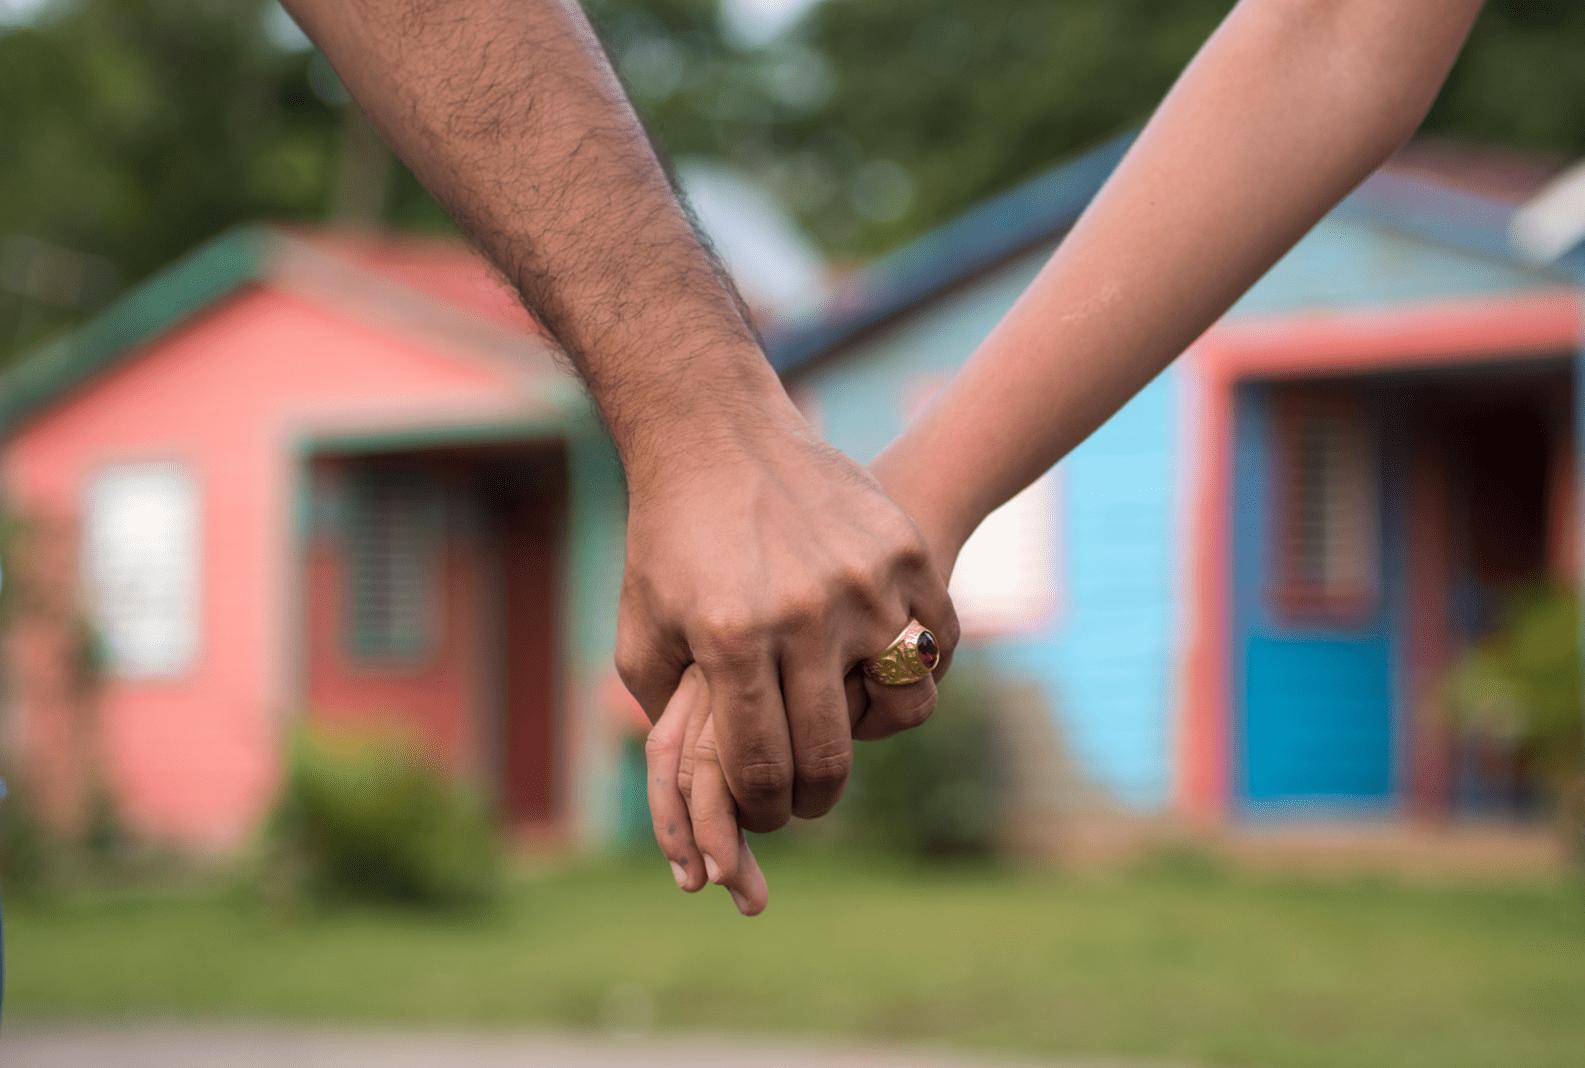 Niñas y adolescentes de RD accionan en las redes sociales contra el matrimonio infantil